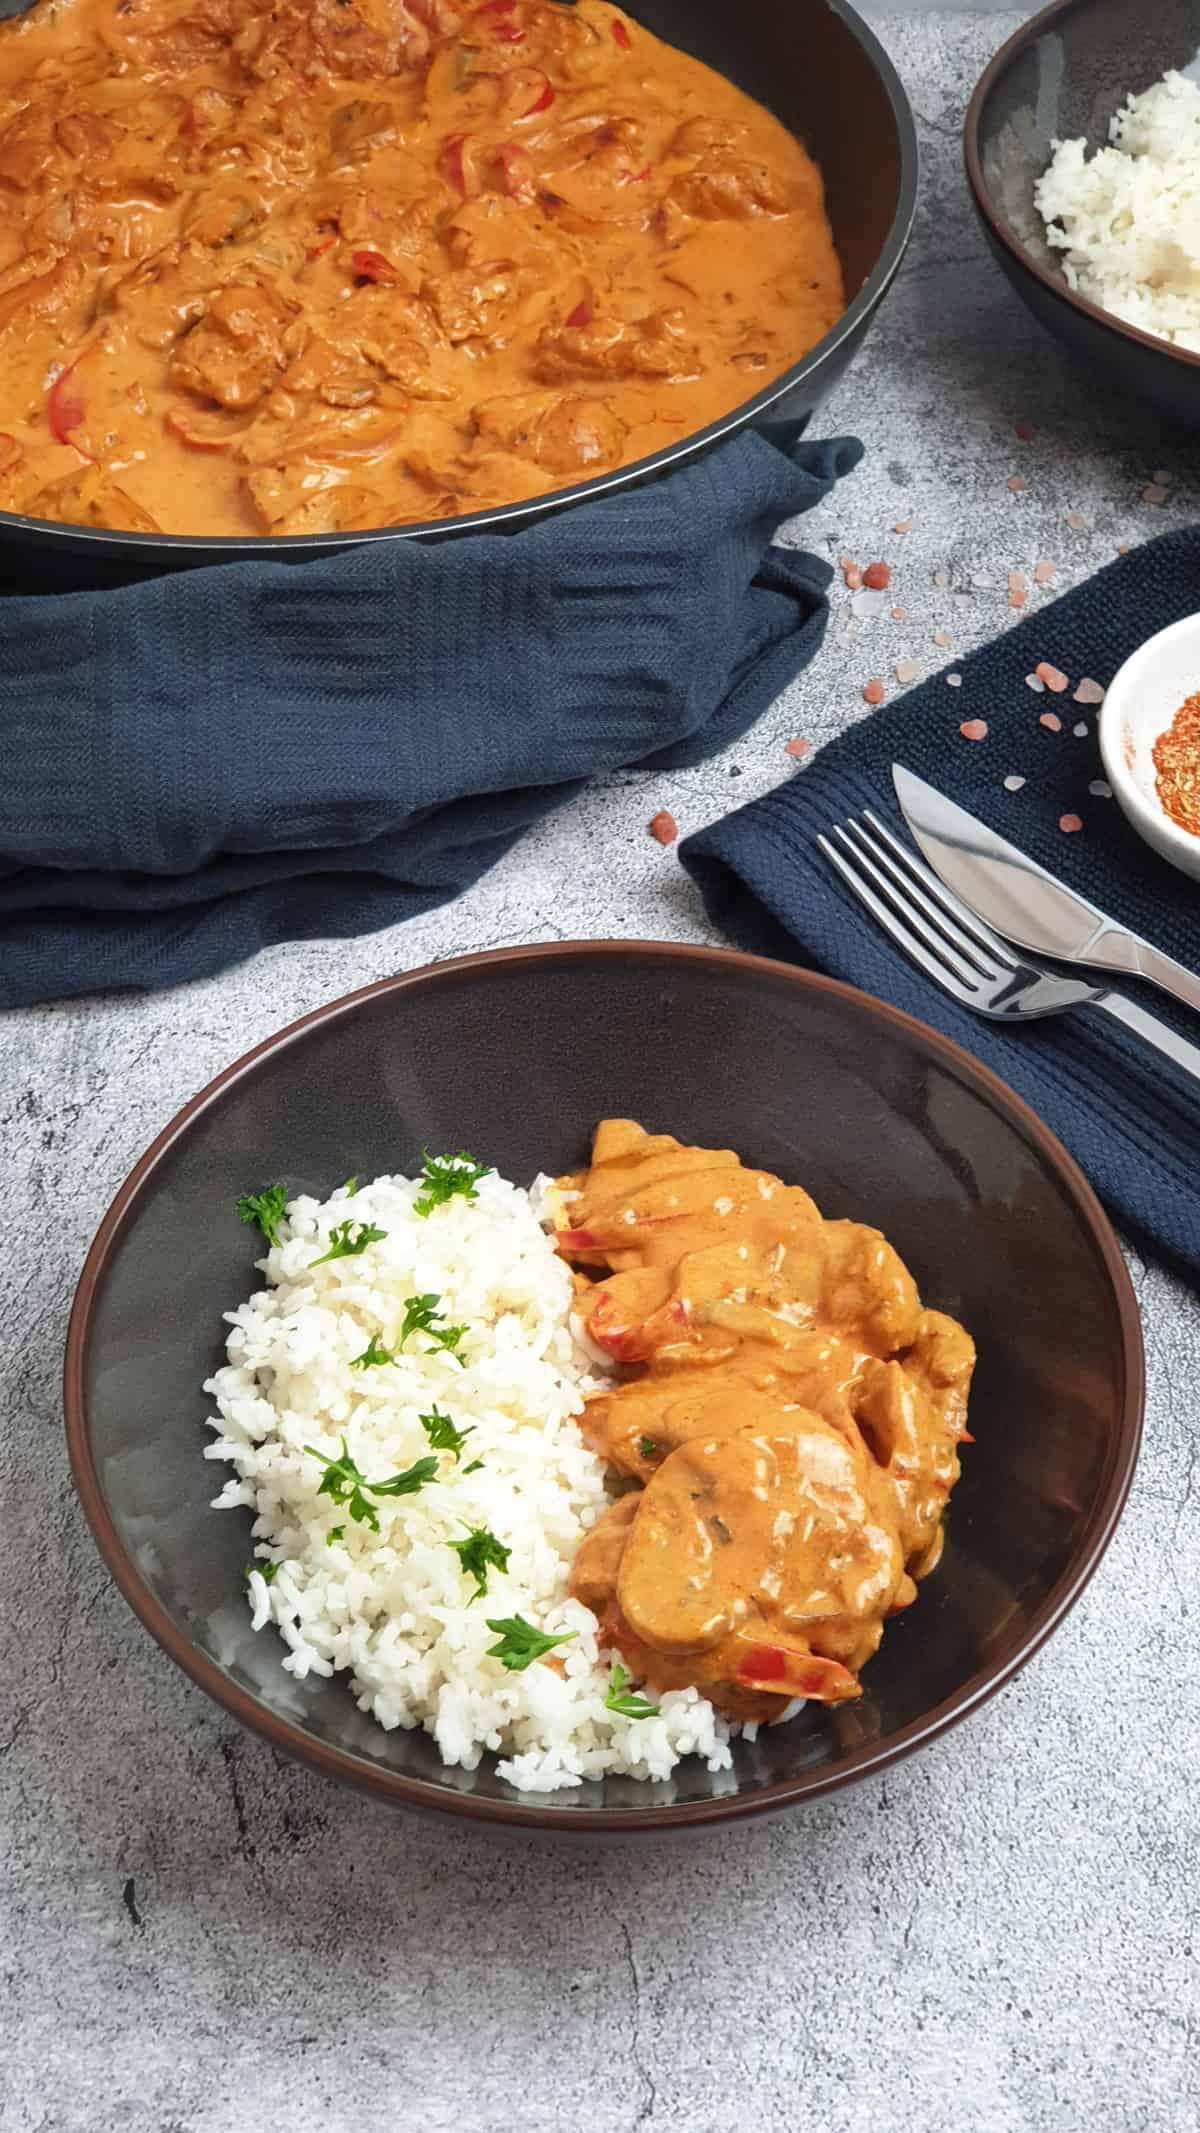 Geschnetzeltes mit Reis in einer braunen Schale. Im Hintergrund Deko.